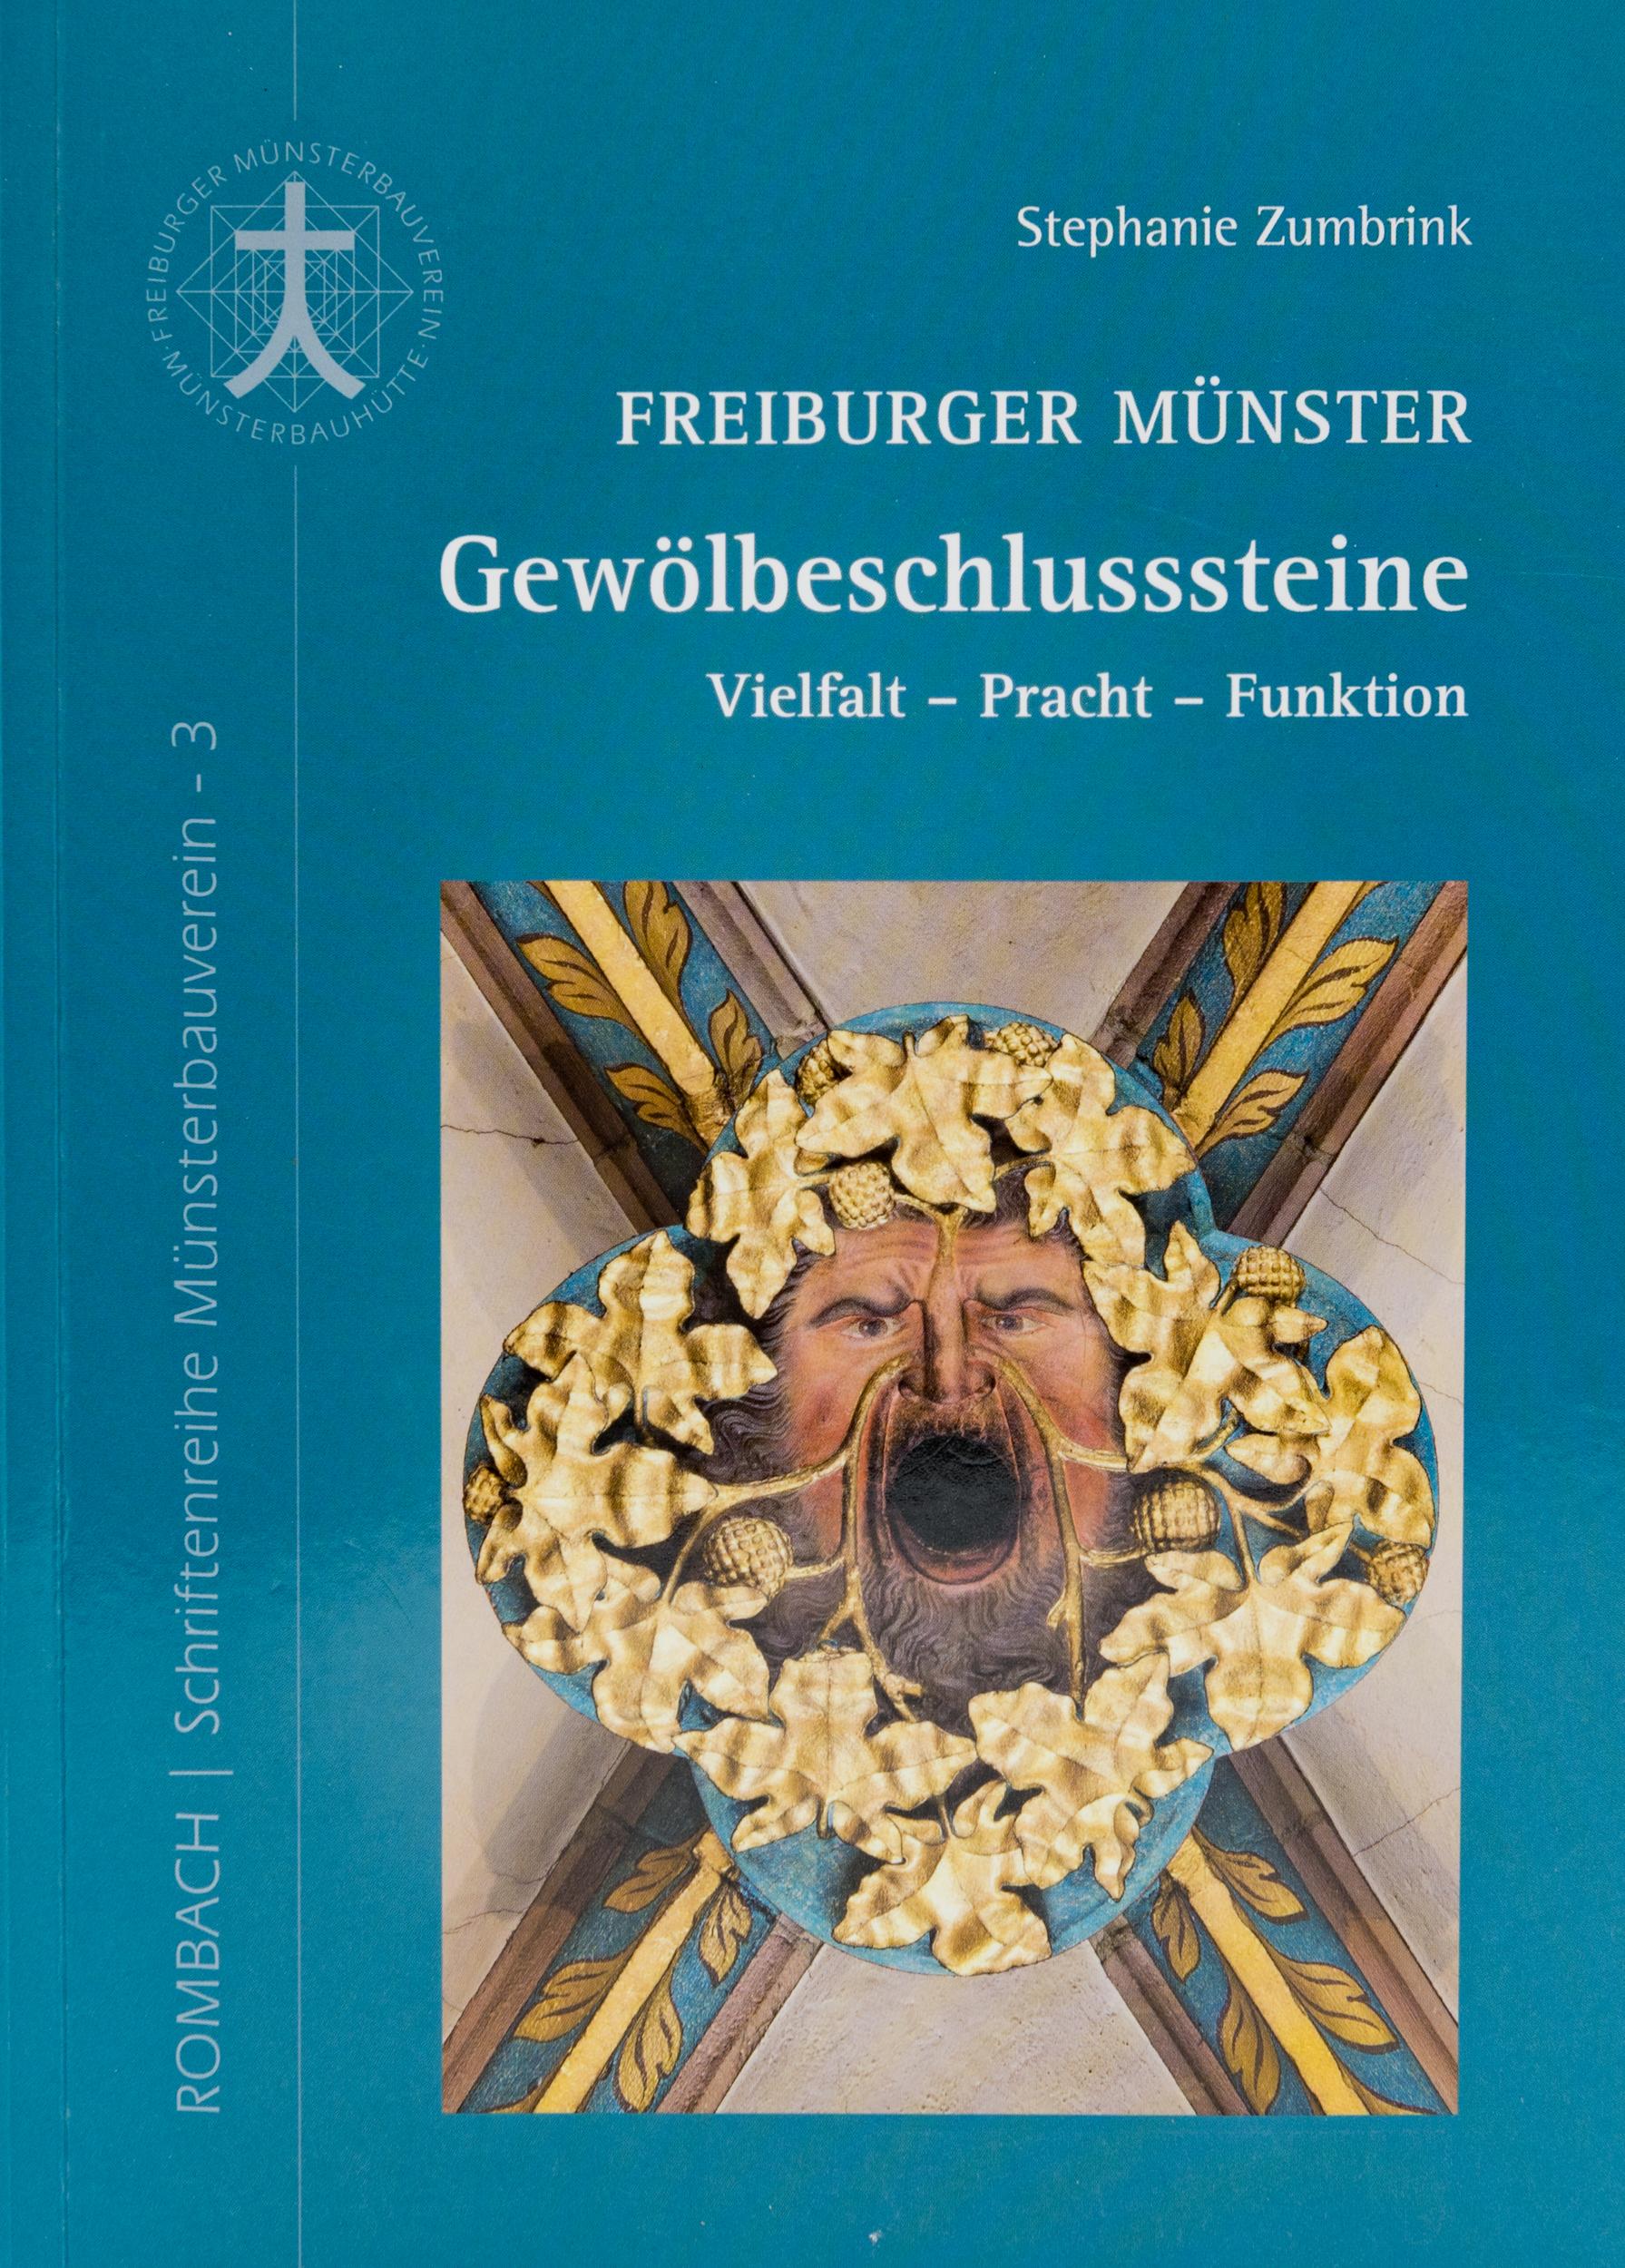 Münsterladen Freiburg Buch Geschenk Gewölbeschlusssteine